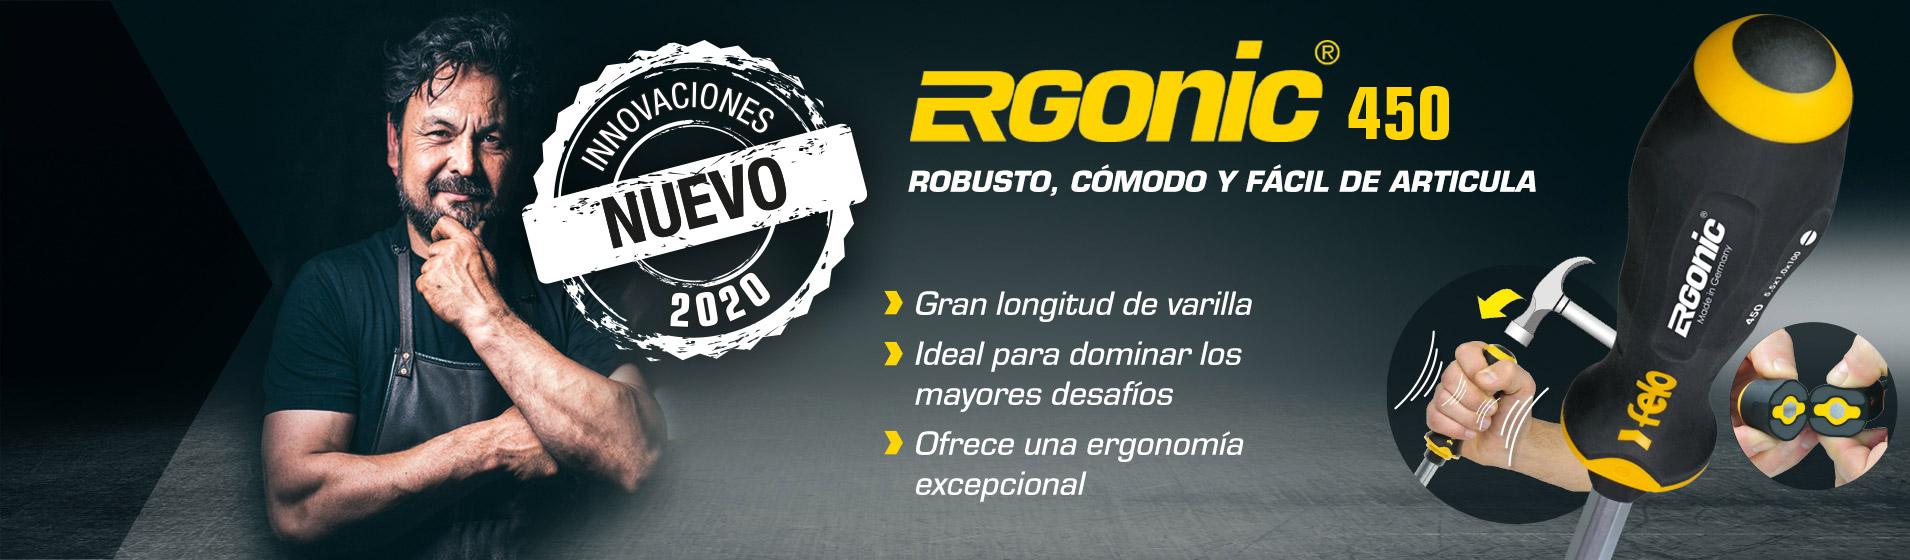 Serie 450 – El nuevo destornillador ERGONIC de cincel